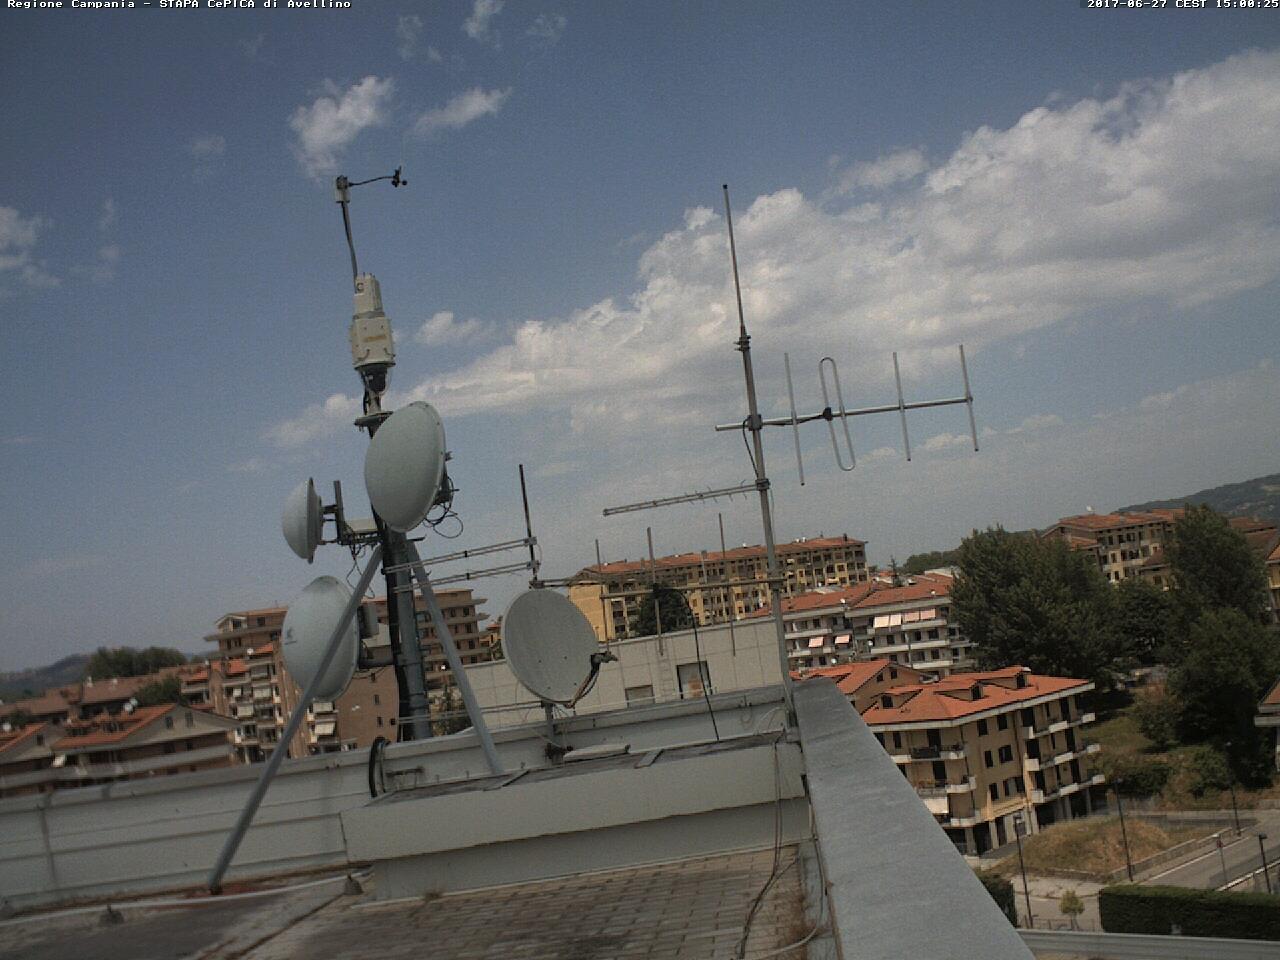 Webcam Avellino - Regione Campania - STAPA CePICA